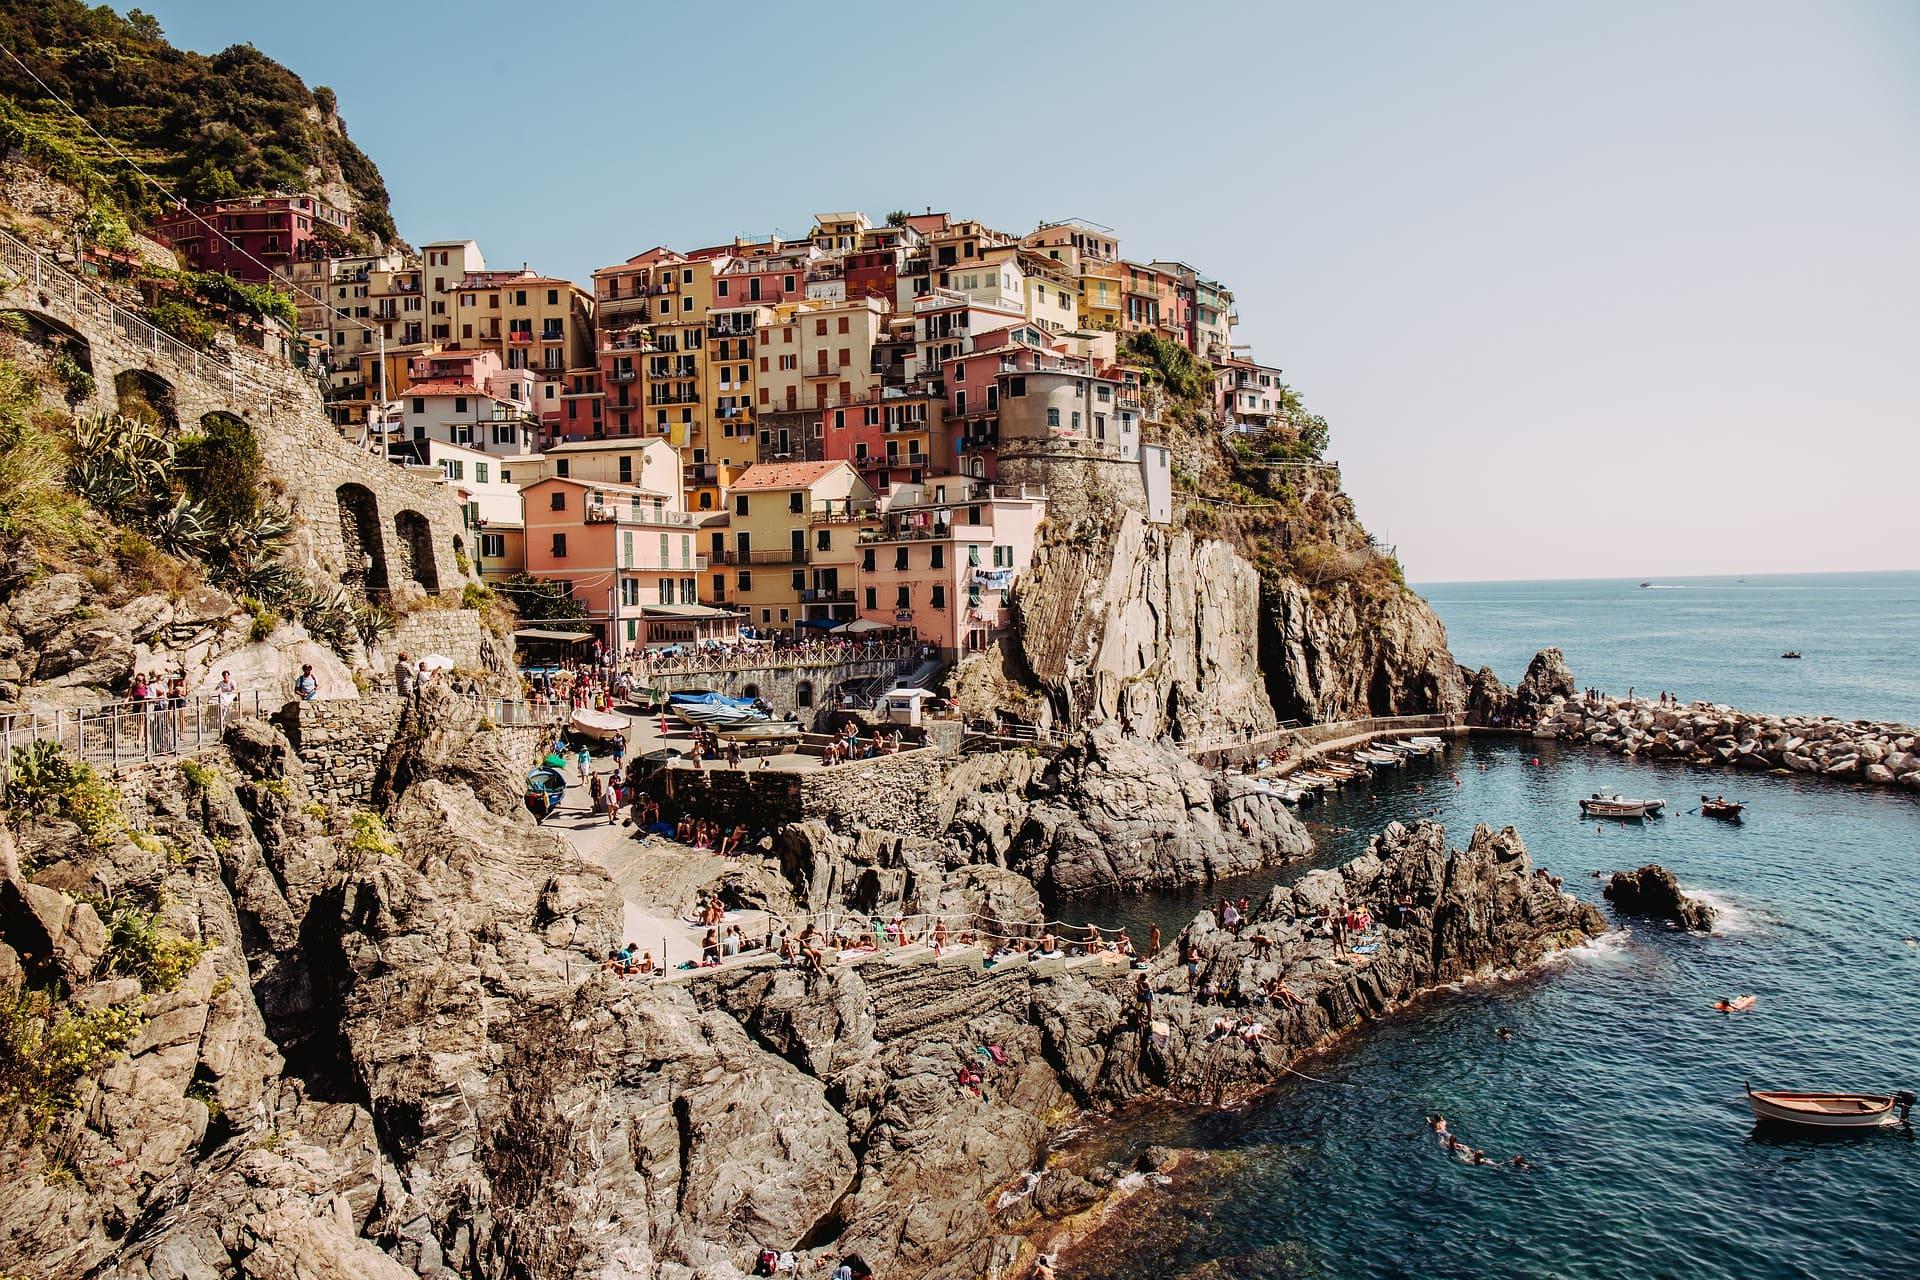 manarola-ciudad-italia-colores